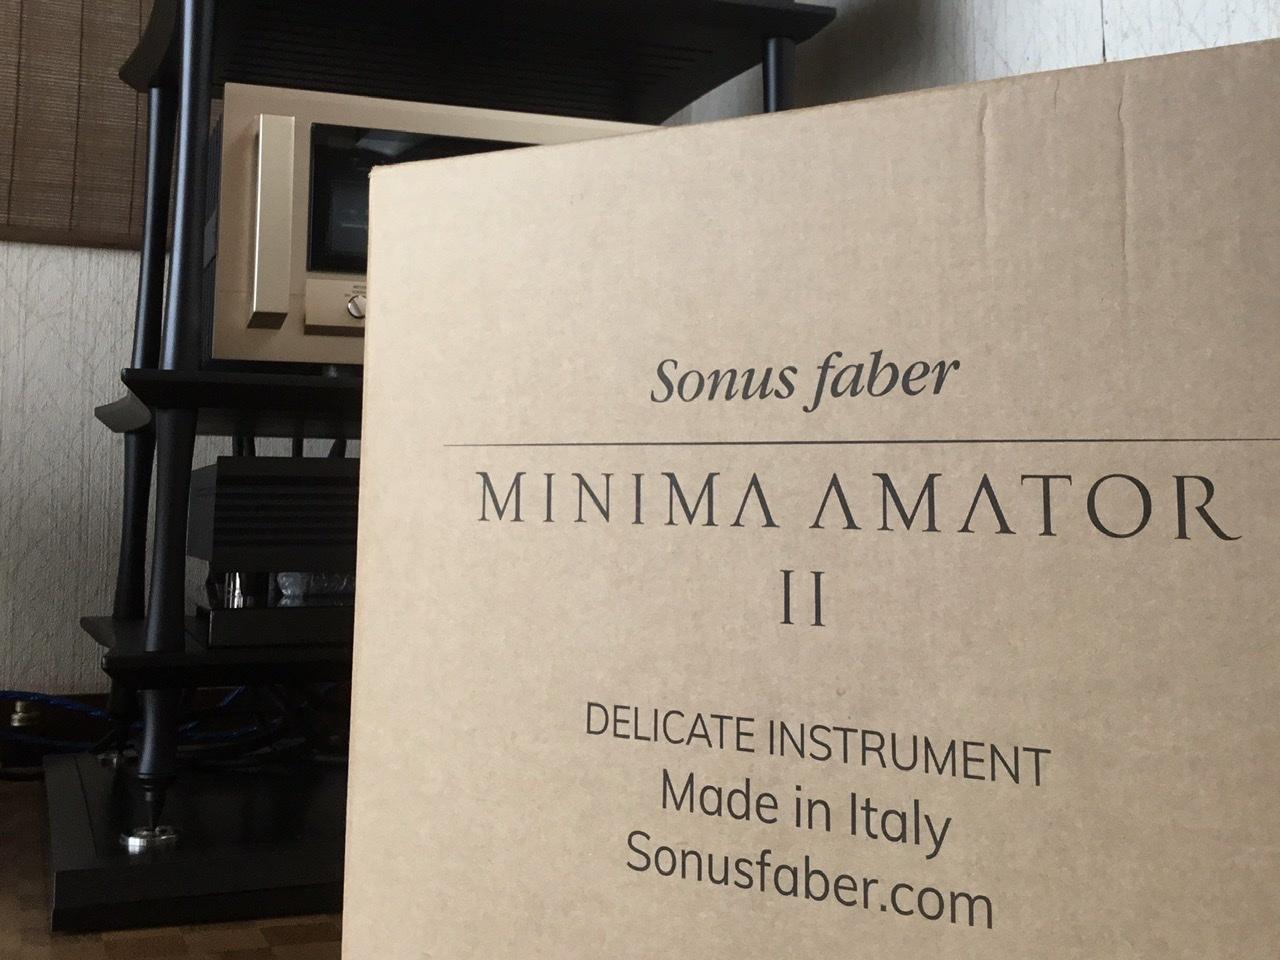 Sonus Faber Minima Amator II_b0225847_18575899.jpeg